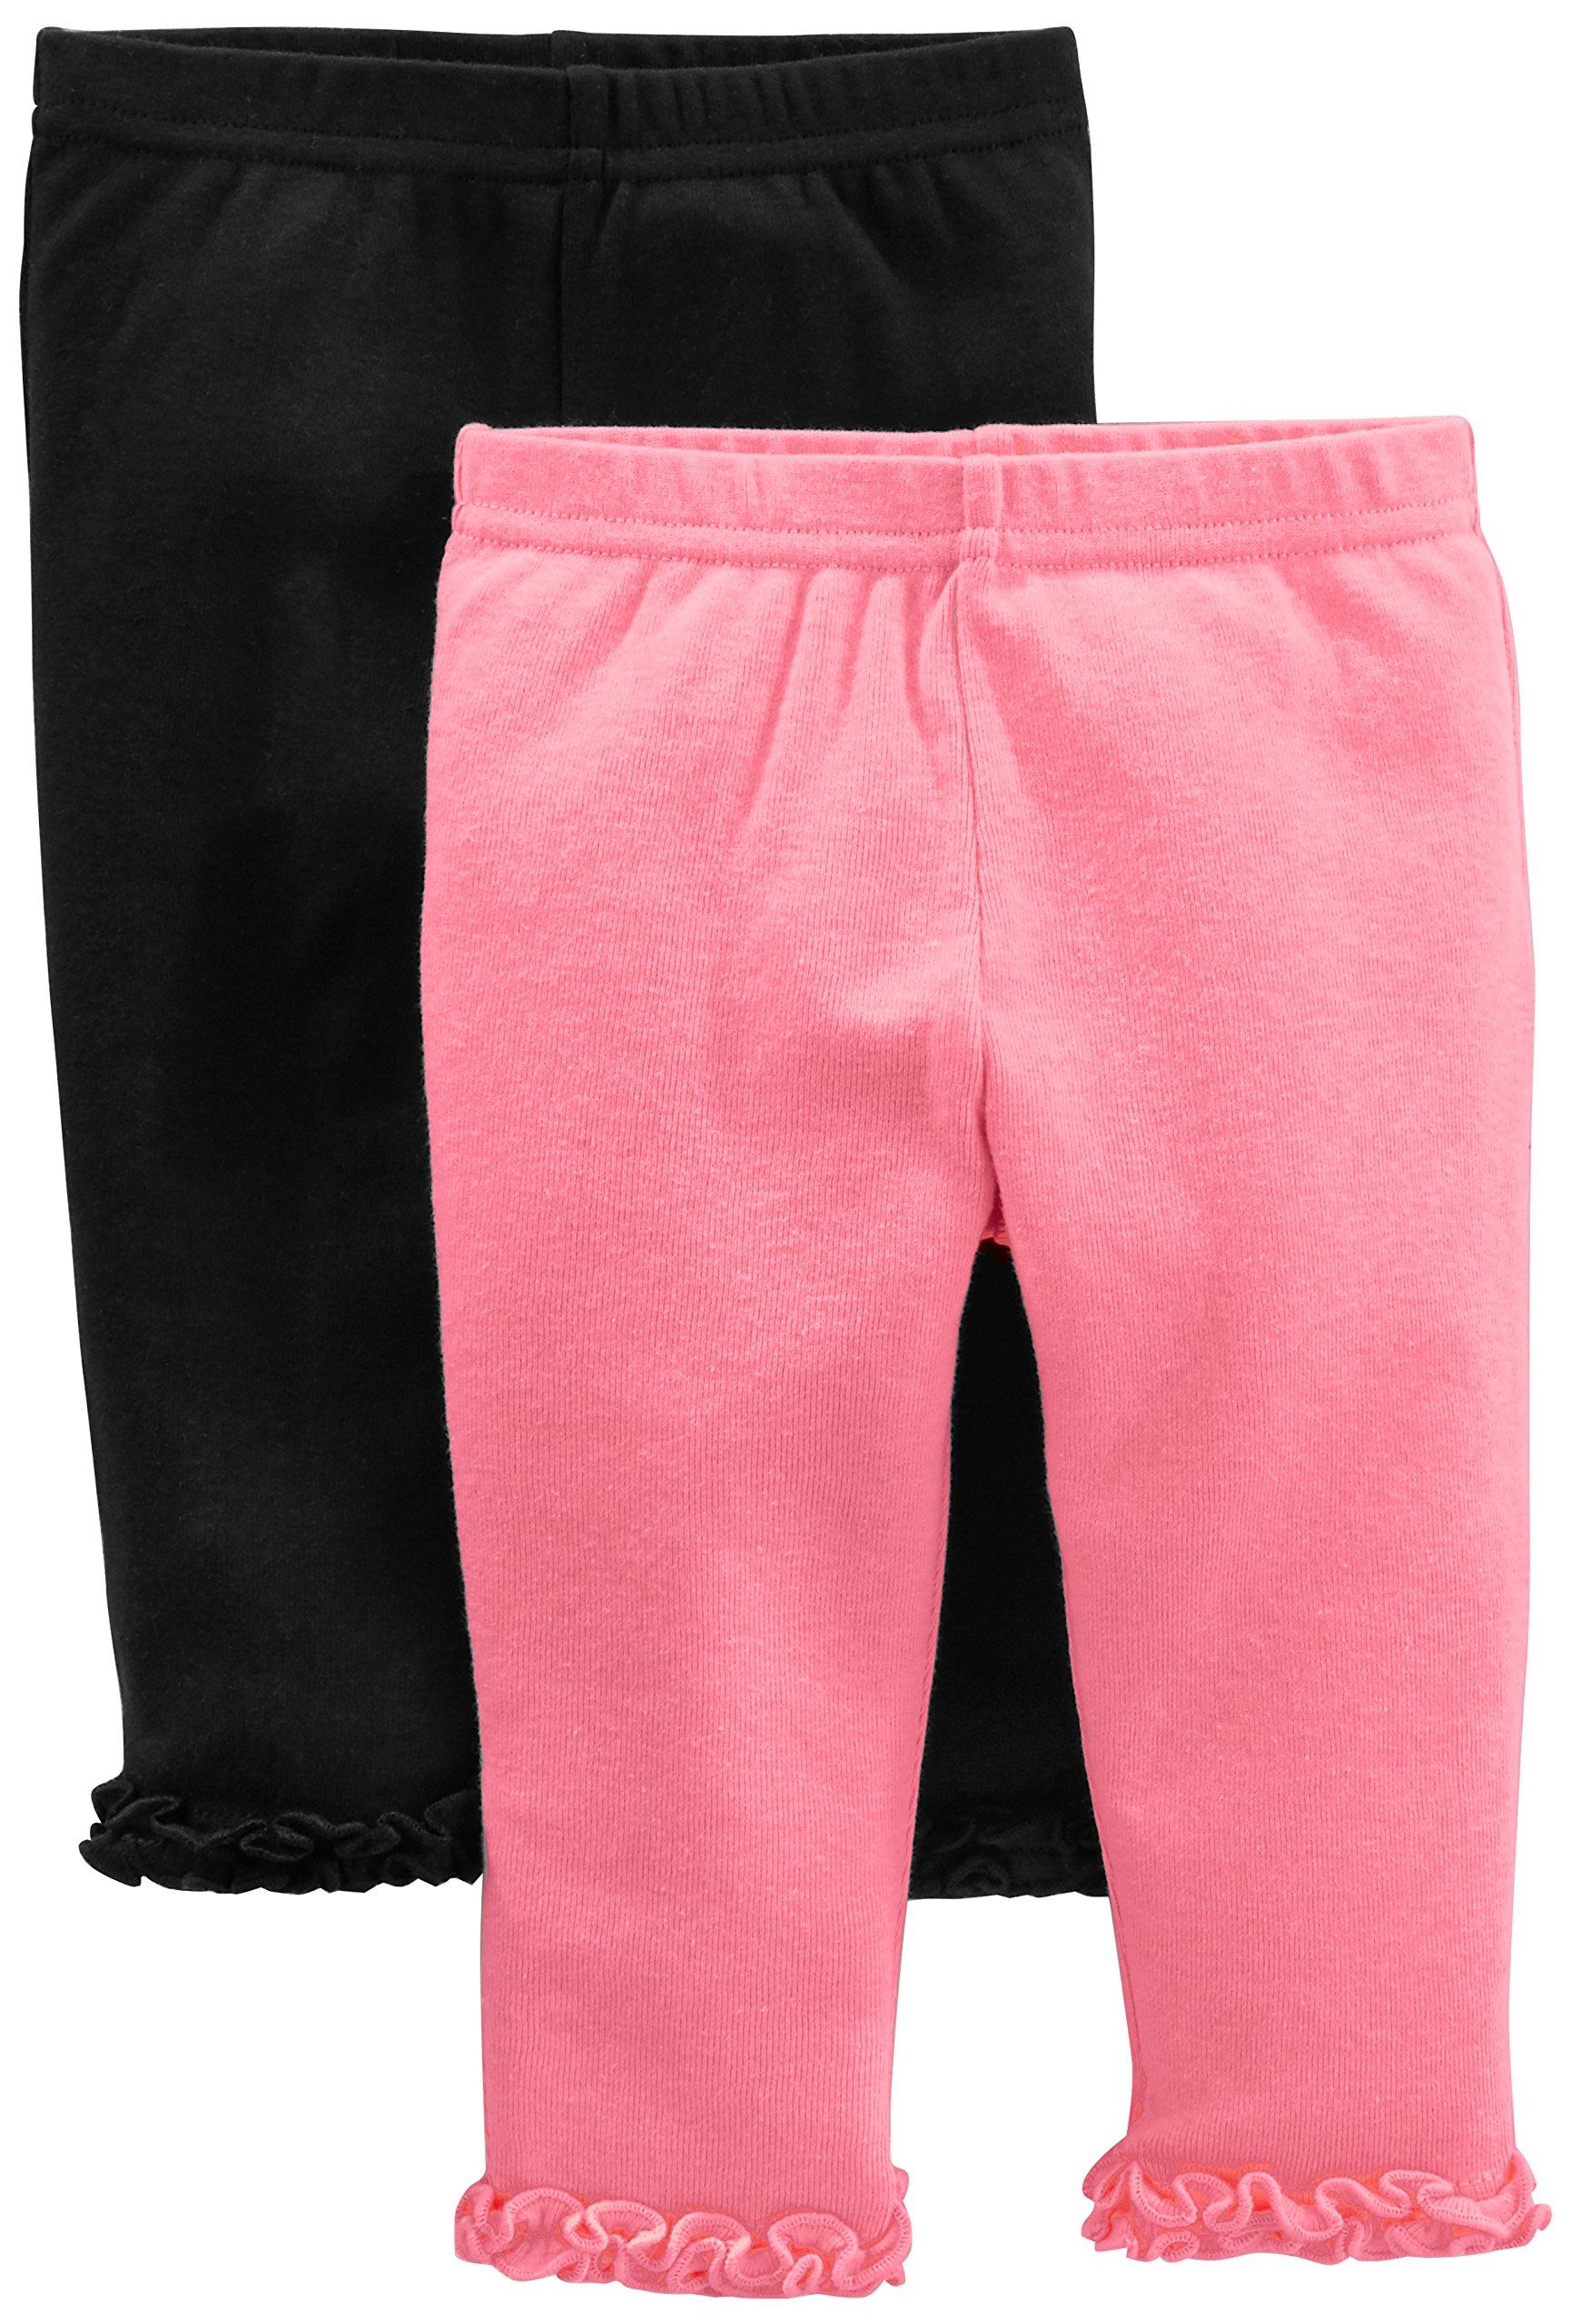 Simple Joys by Carter's pantalón para niñas pequeñas, paquete de 4 2